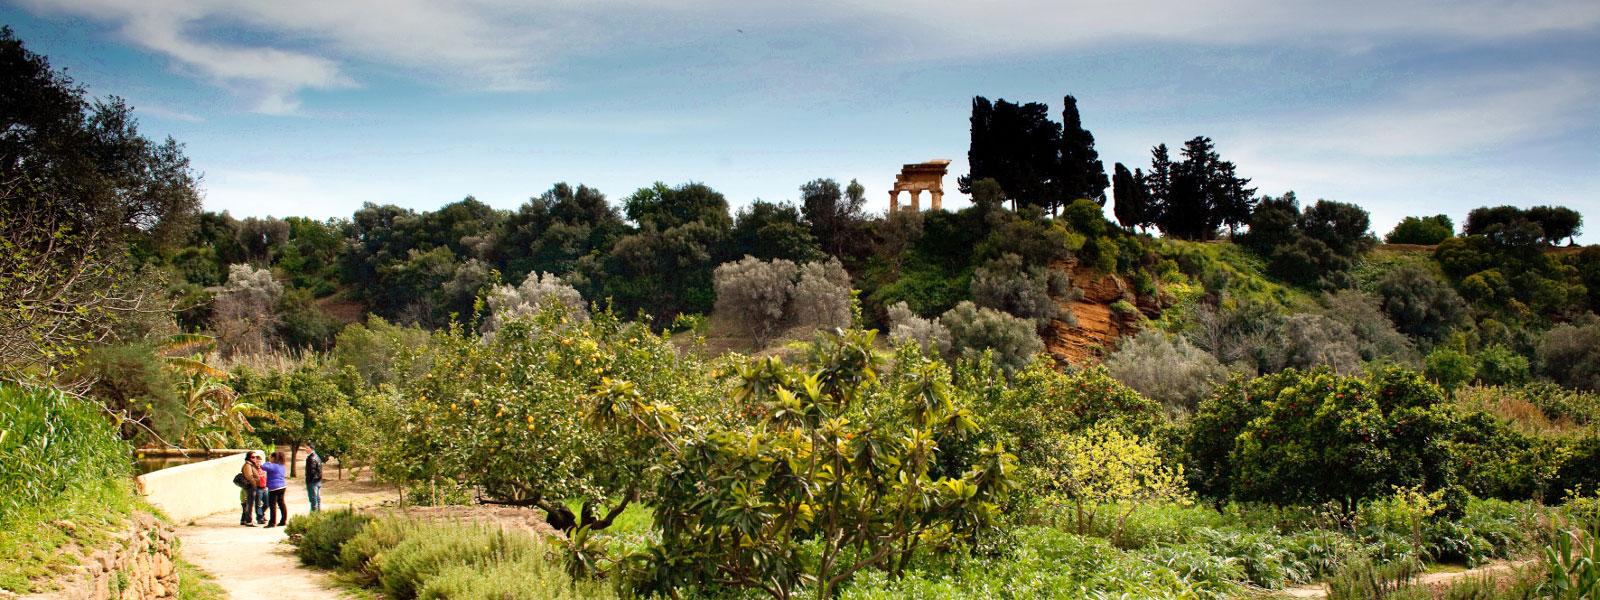 Giardino della Kolymbethra vincenzo cammarata